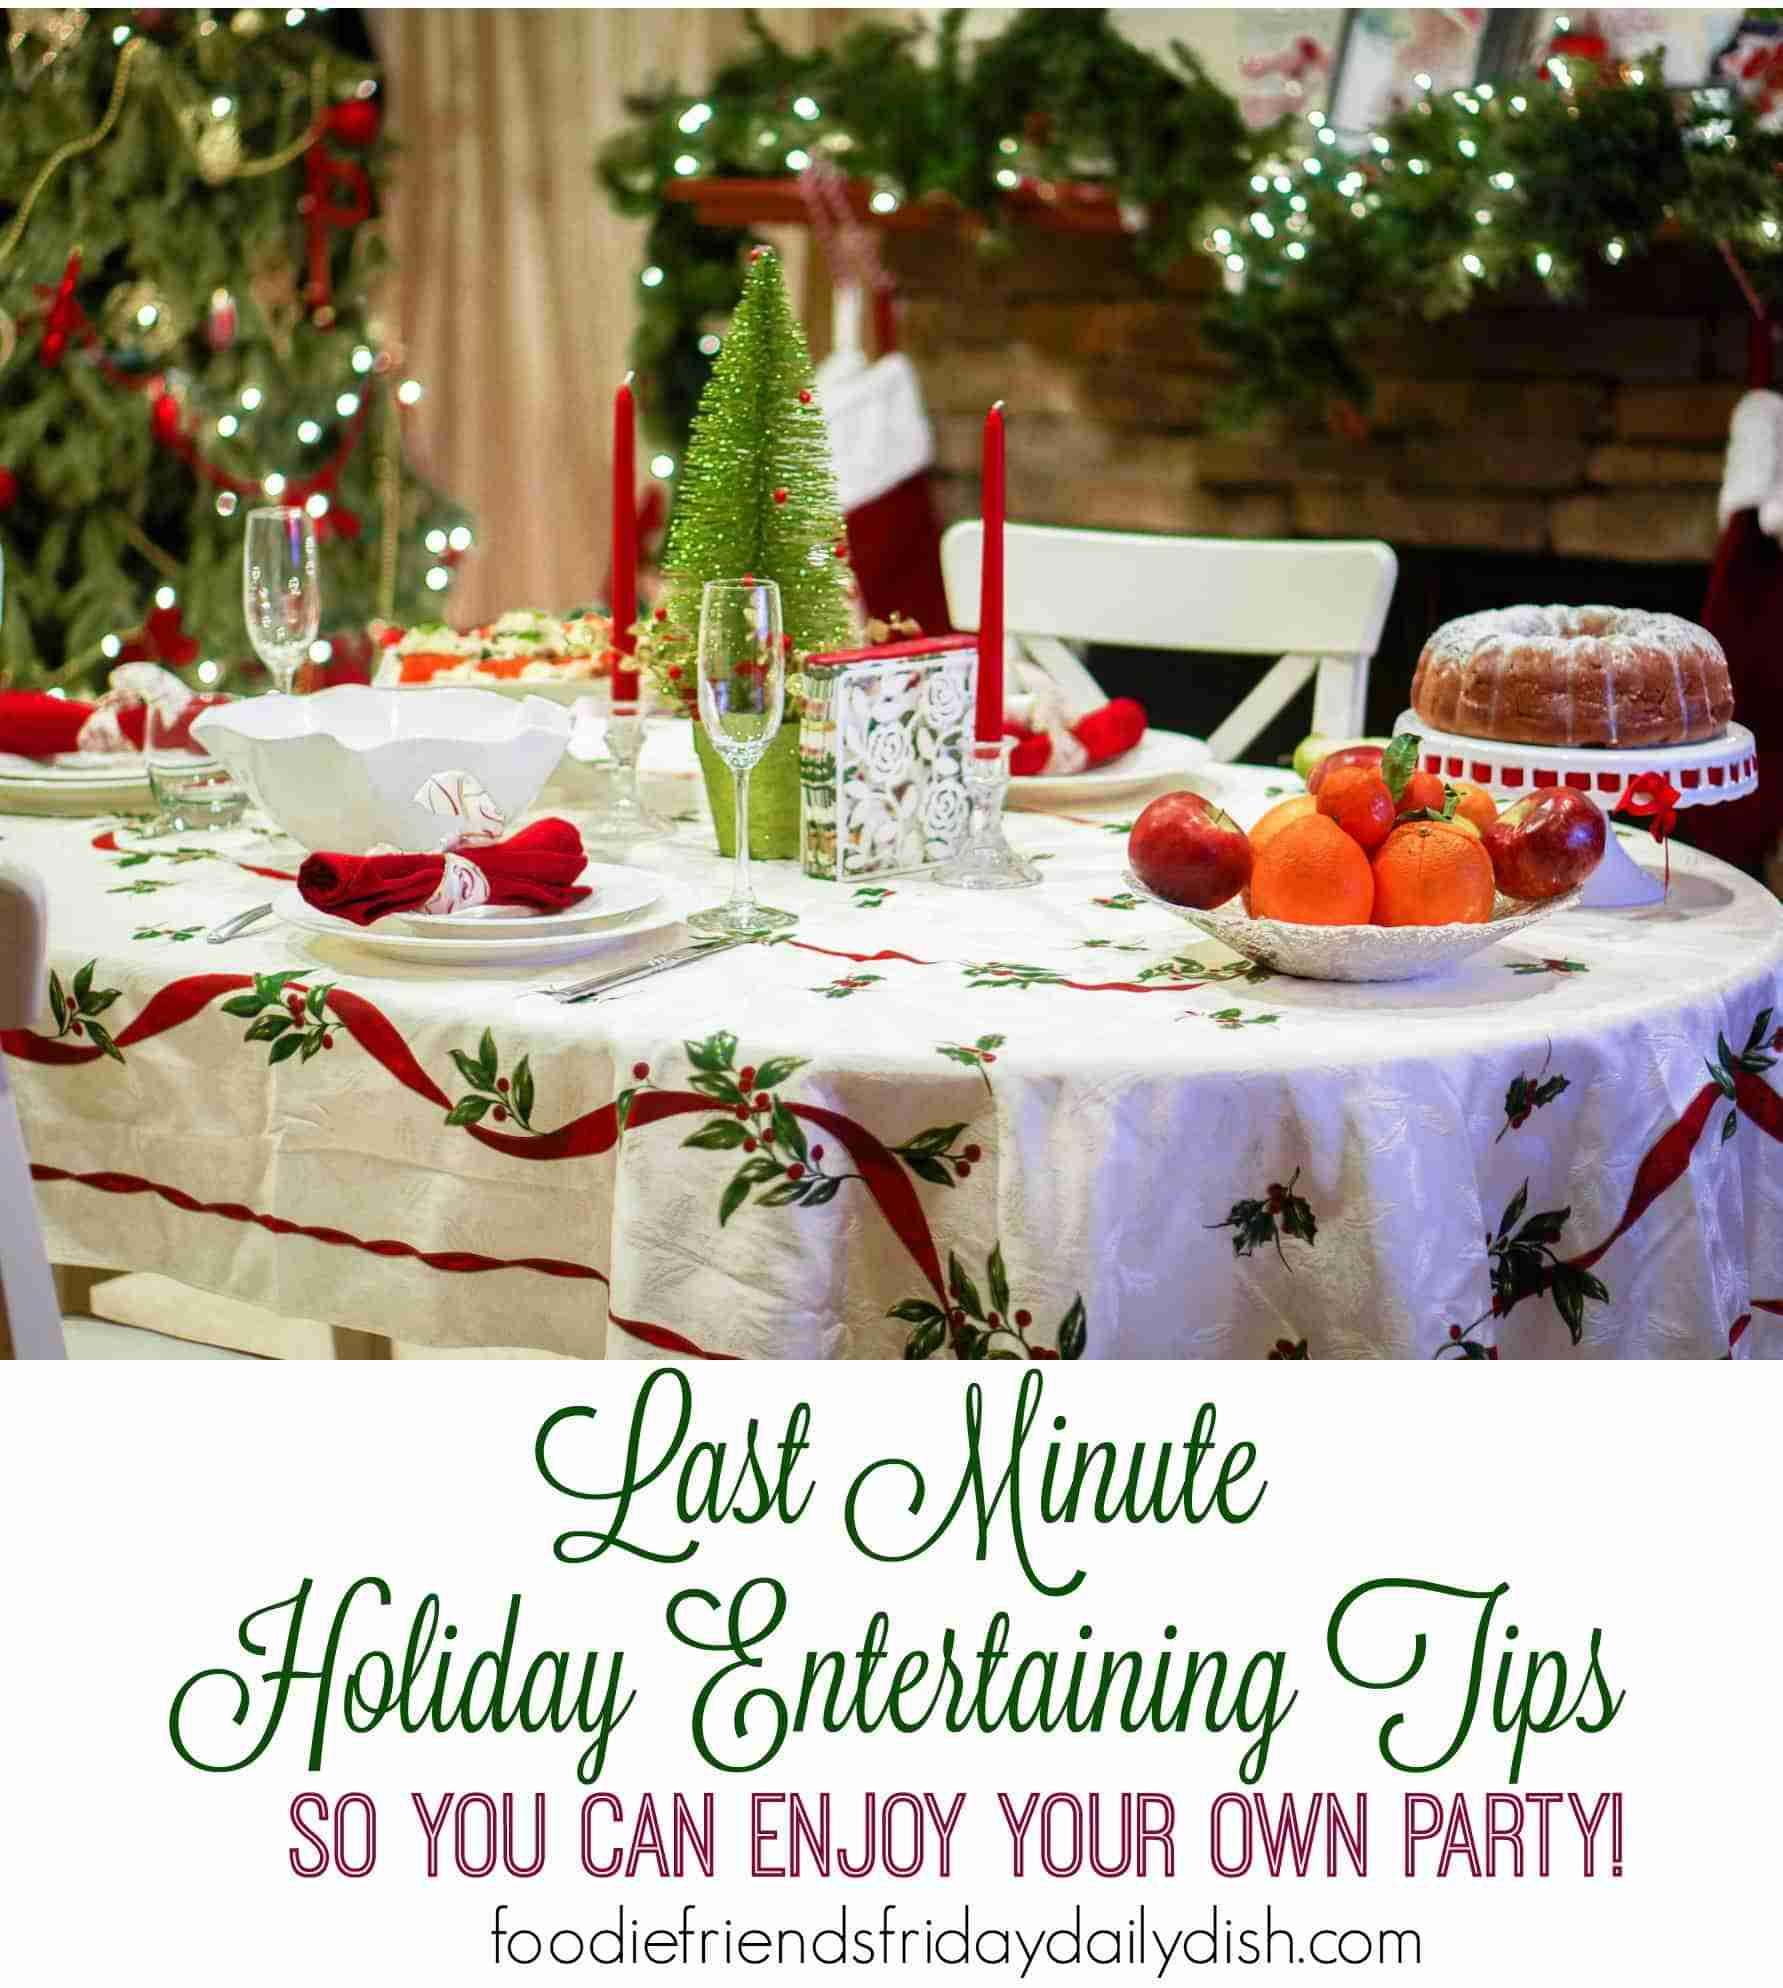 Last Minute Entertaining Tips DD